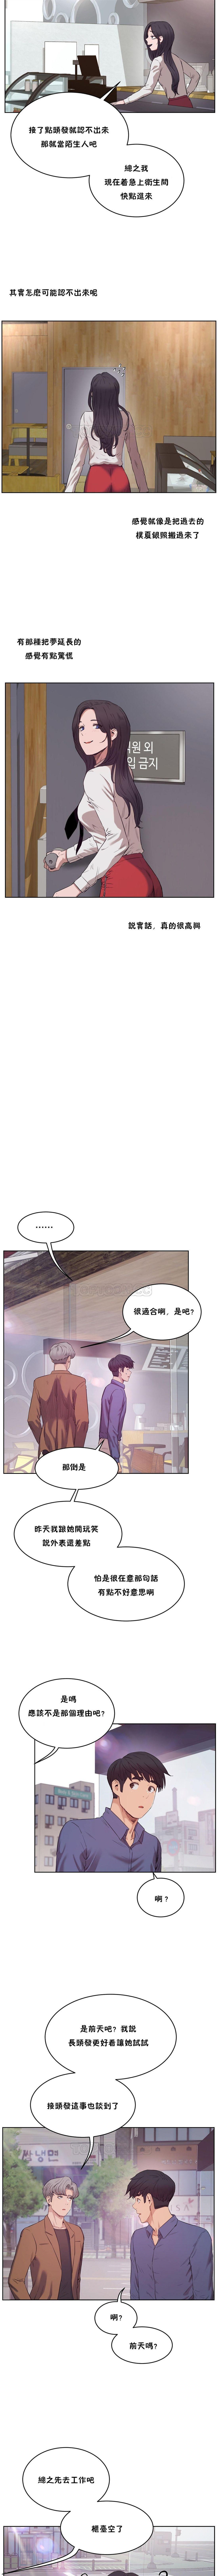 性教育 1-48.5 中文翻译(完結) 210